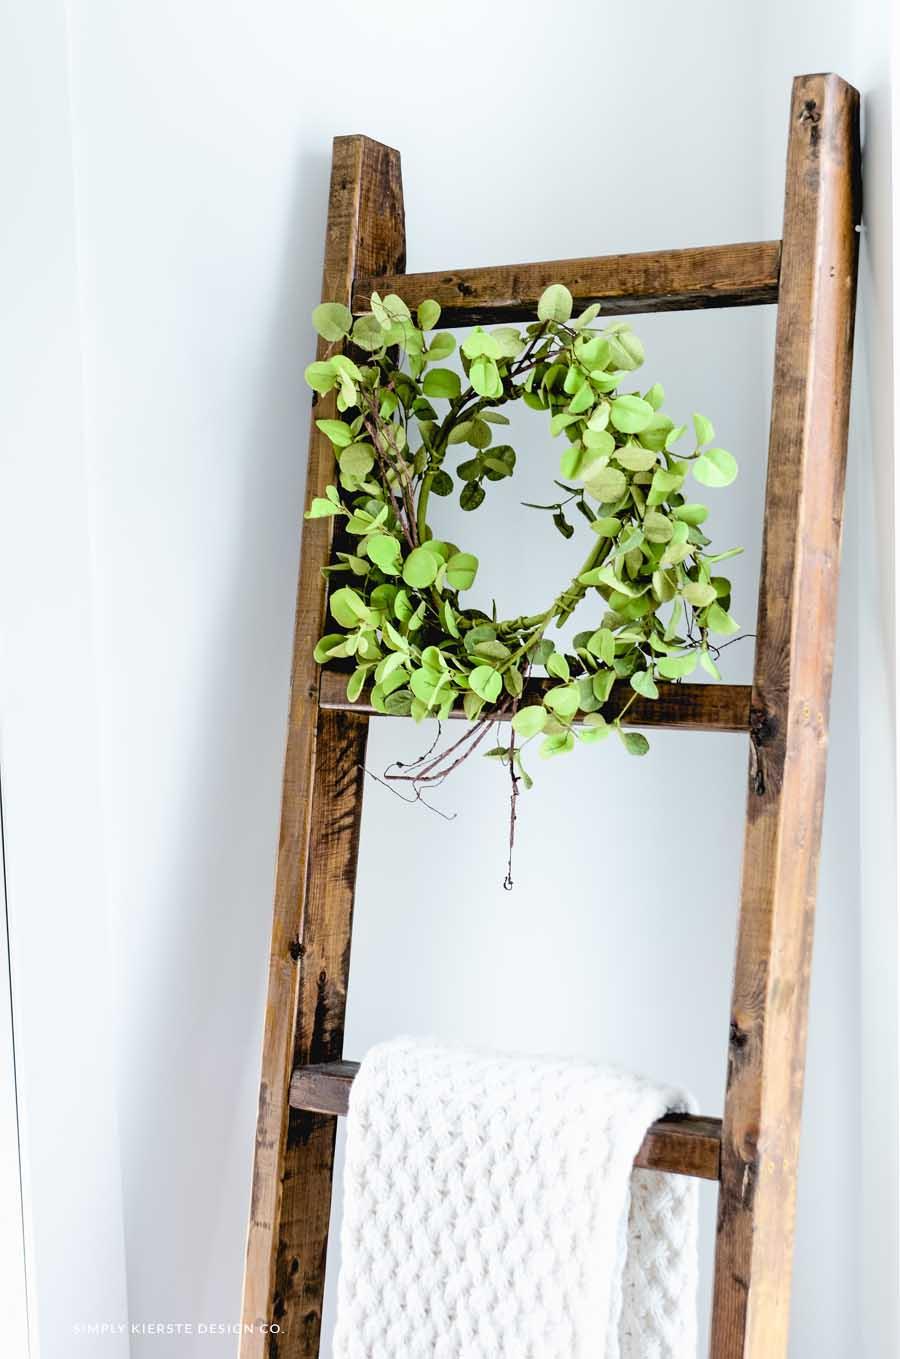 DIY Wood Blanket Ladder | simplykierste.com